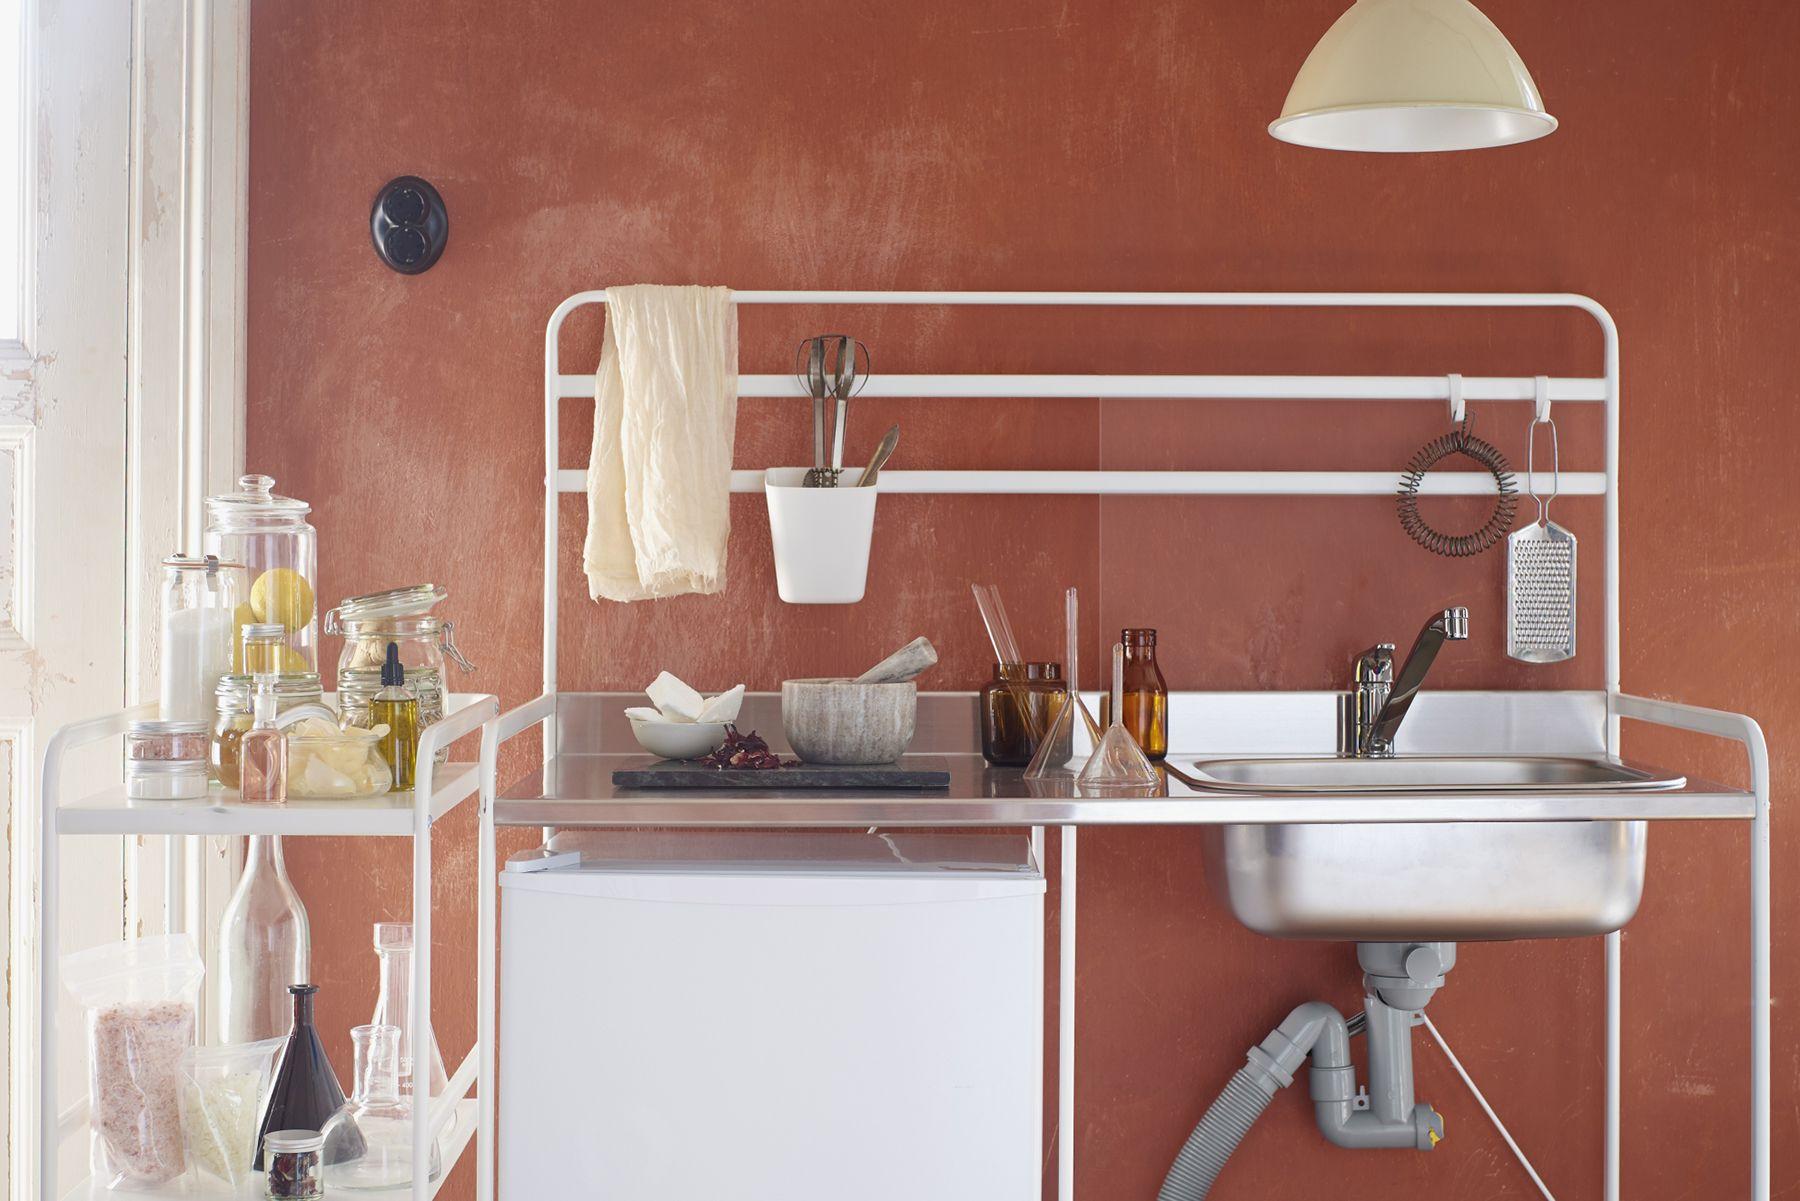 Ikea lancia la sua cucina da 100 euro | Bigodino